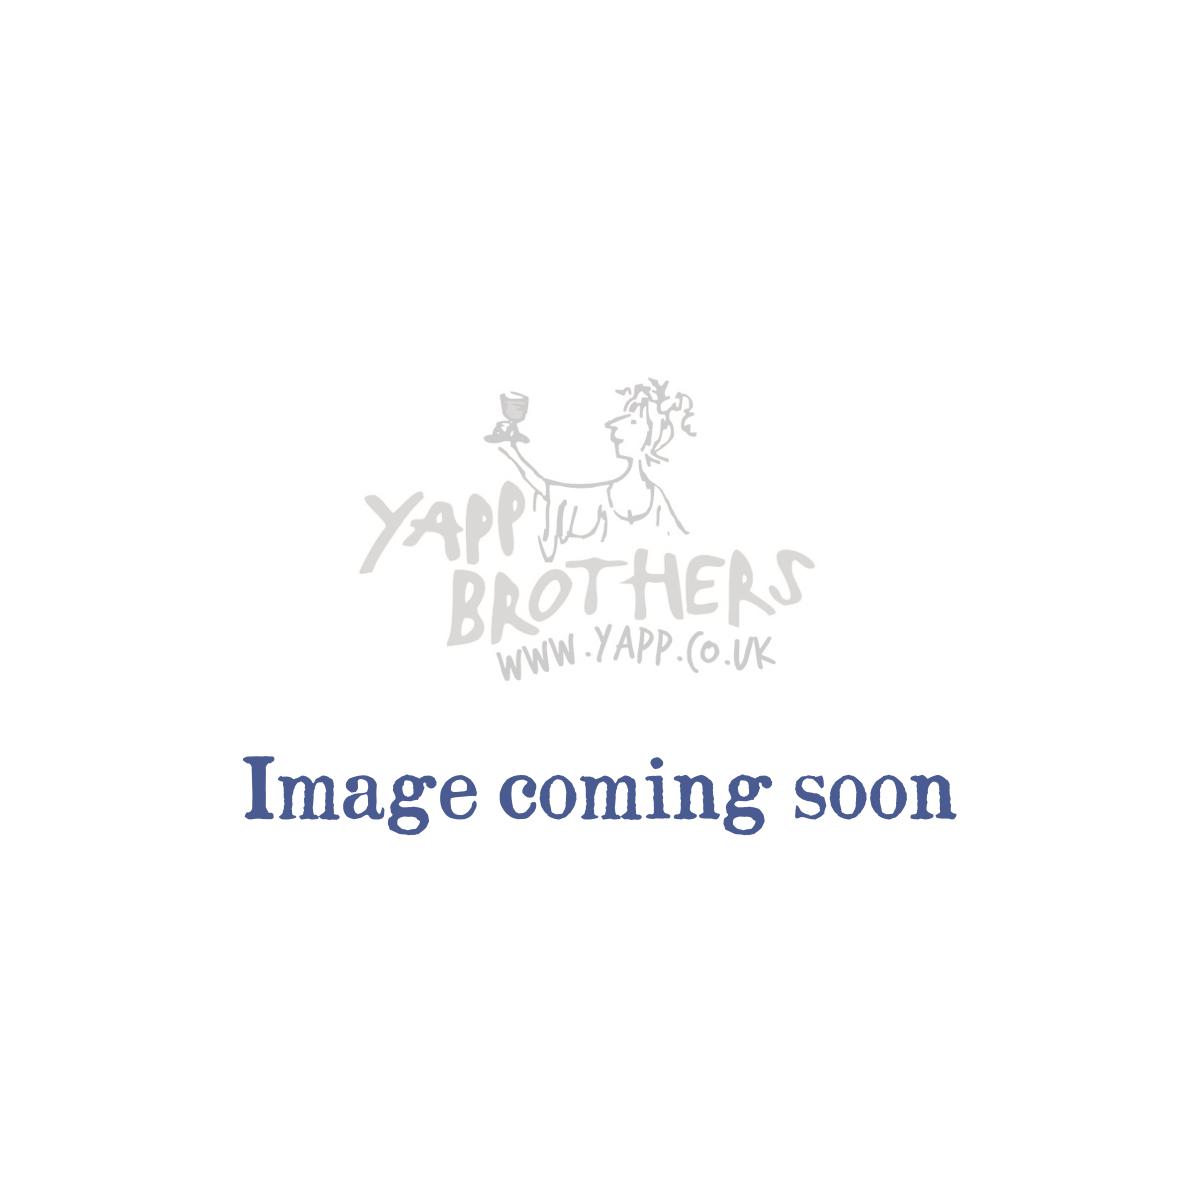 Chassagne-Montrachet: Domaine Bruno Colin Premier Cru 'Les Chaumées' 2018 - Bottle Rear Label